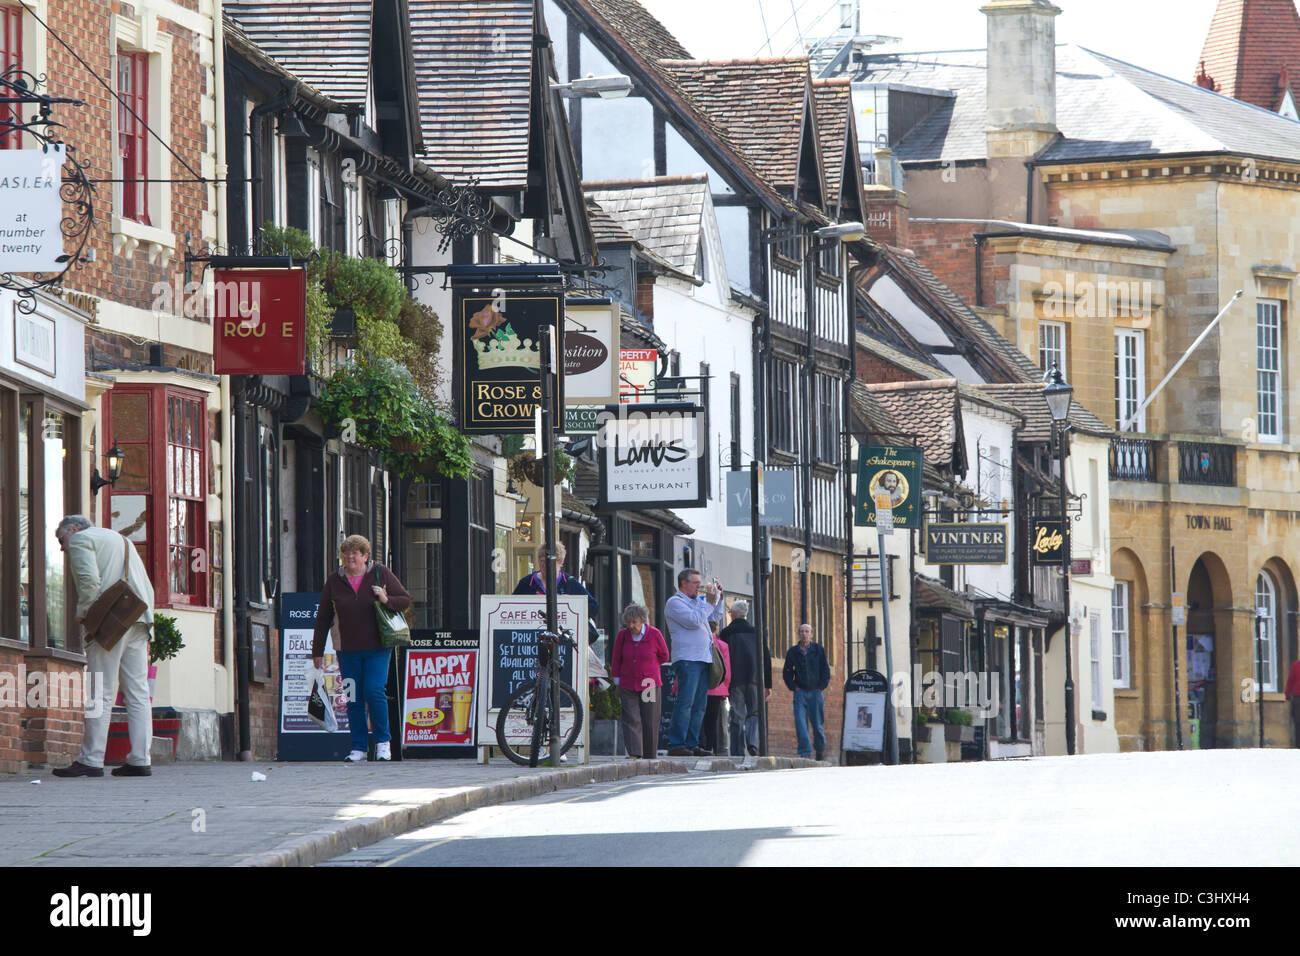 Stratford upon Avon, Warwickshire, England, UK. Sheep Street. - Stock Image